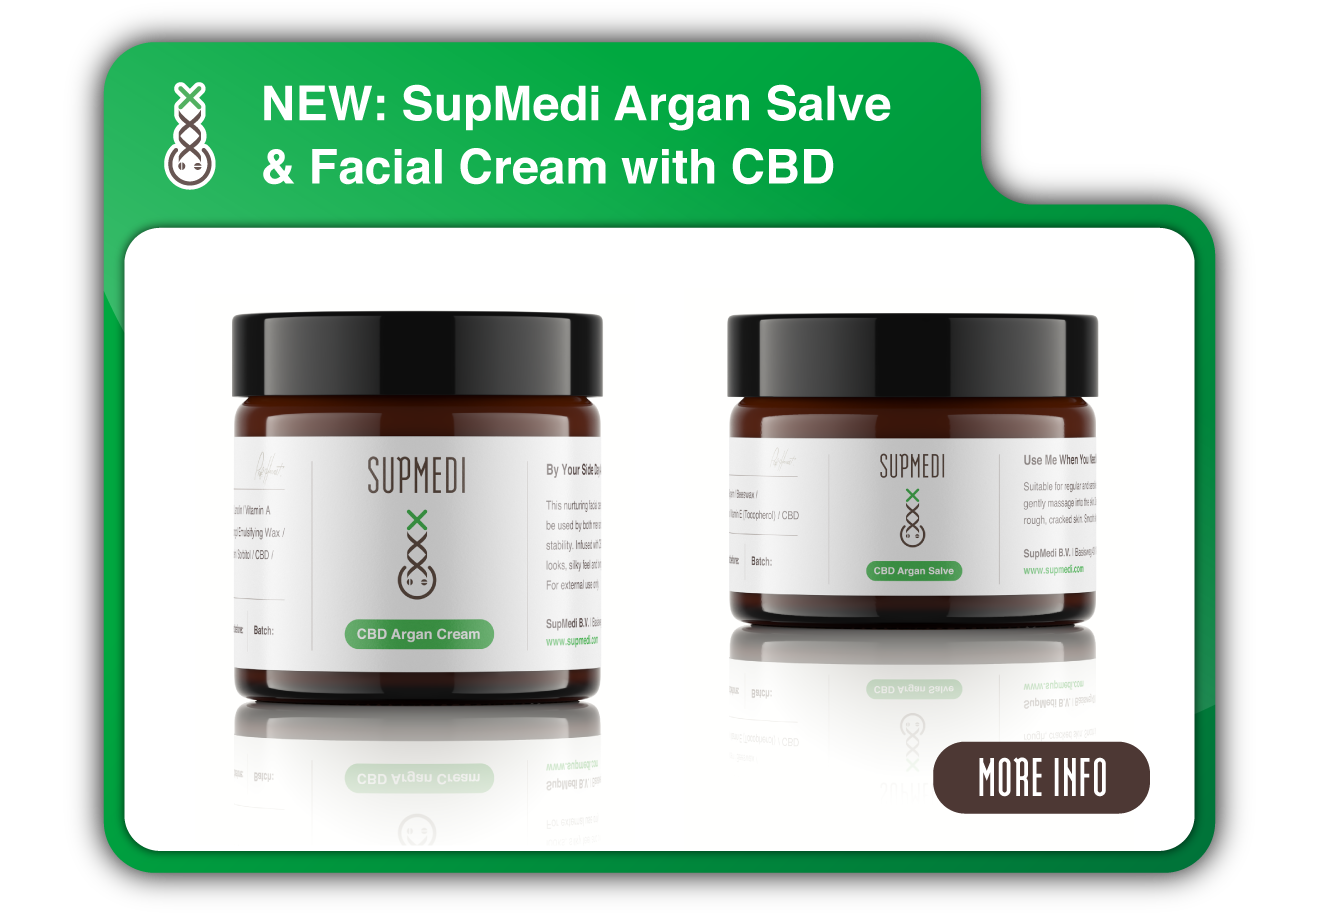 cvd cream / salve pop-up